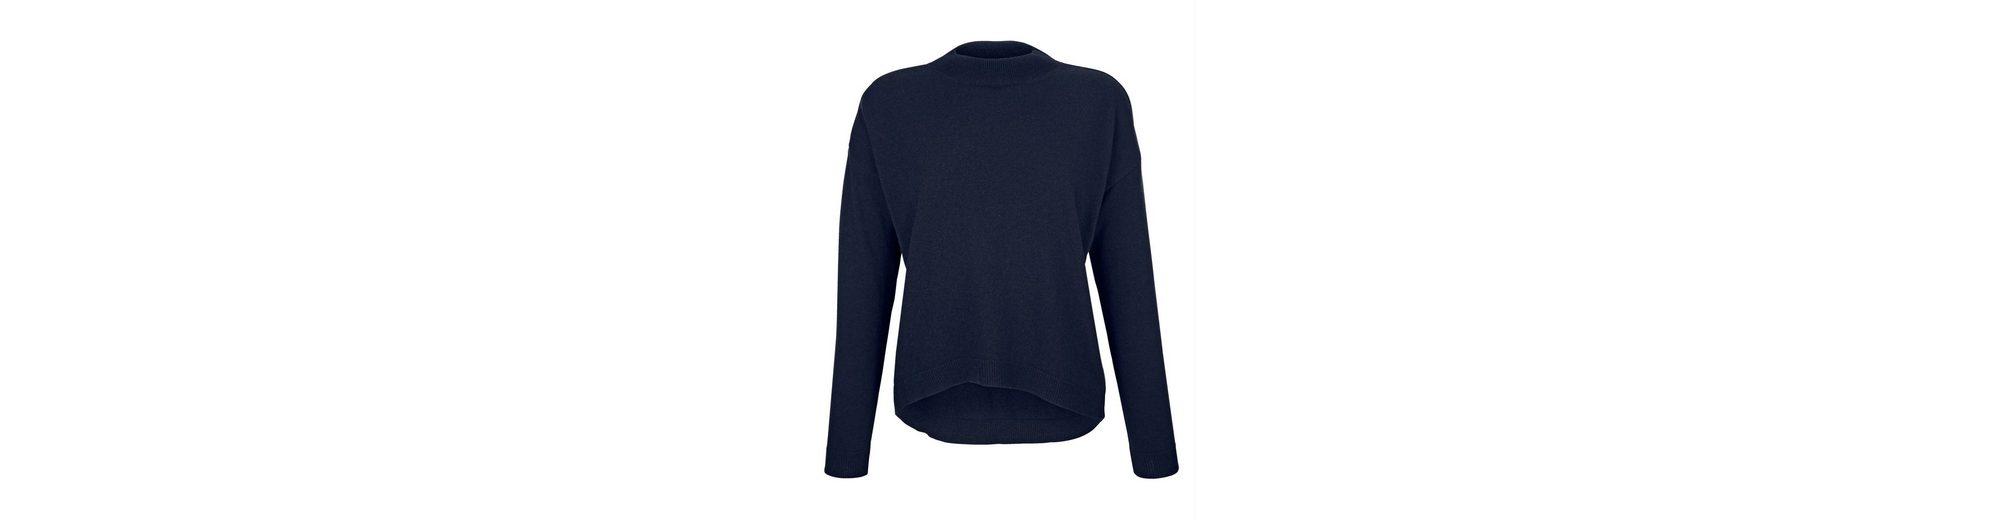 Freies Verschiffen Begrenzte Ausgabe Alba Moda Pullover mit Stehkragen Billig Verkauf Mit Paypal KRajK